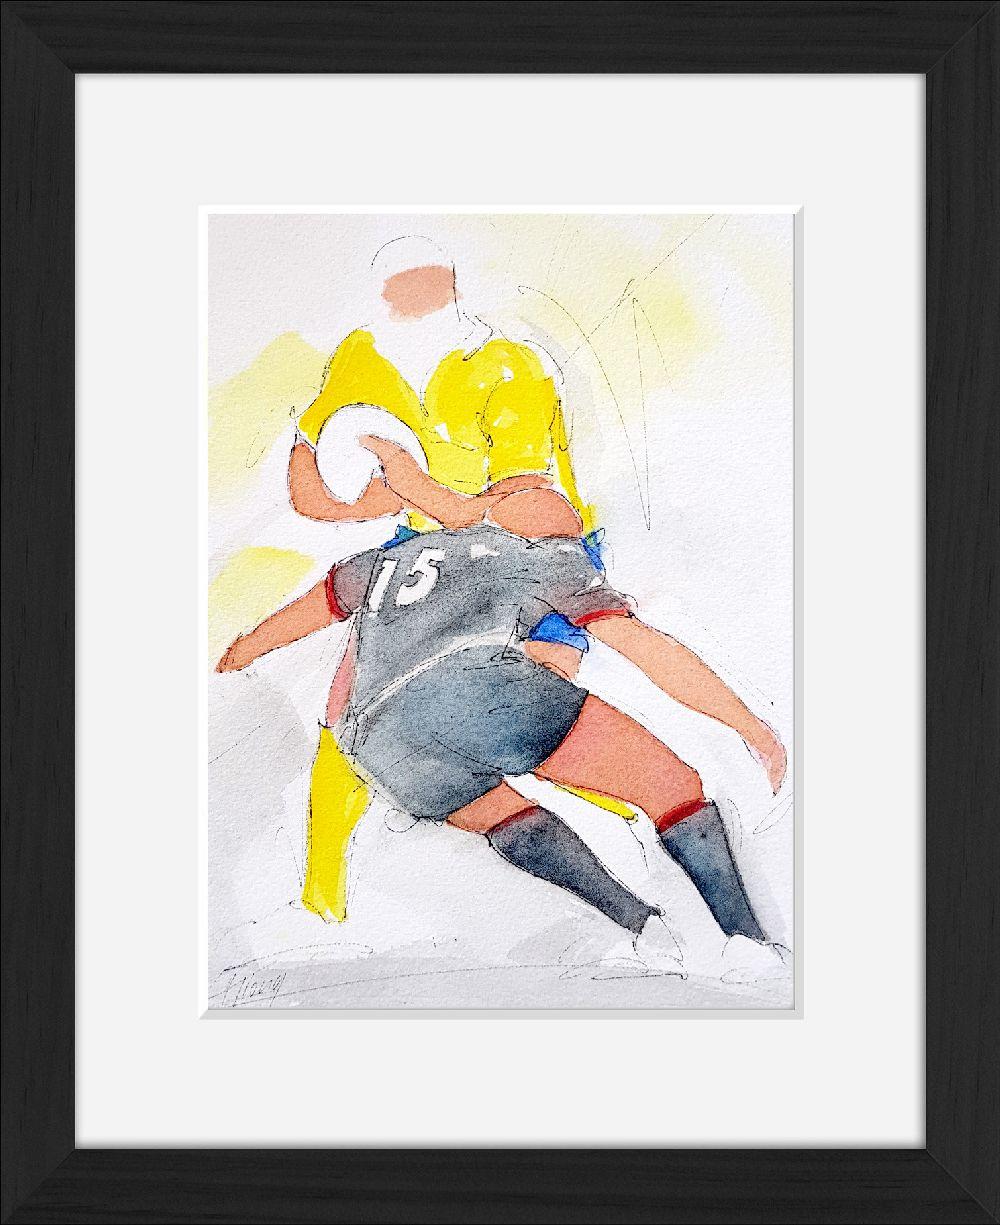 Rugby : Tableau aquarelle de sport collectif - Match de TOP14 de rugby entre l'ASM Clermont Auvergne et le Stade Toulousain - Finale du TOP 14 2019